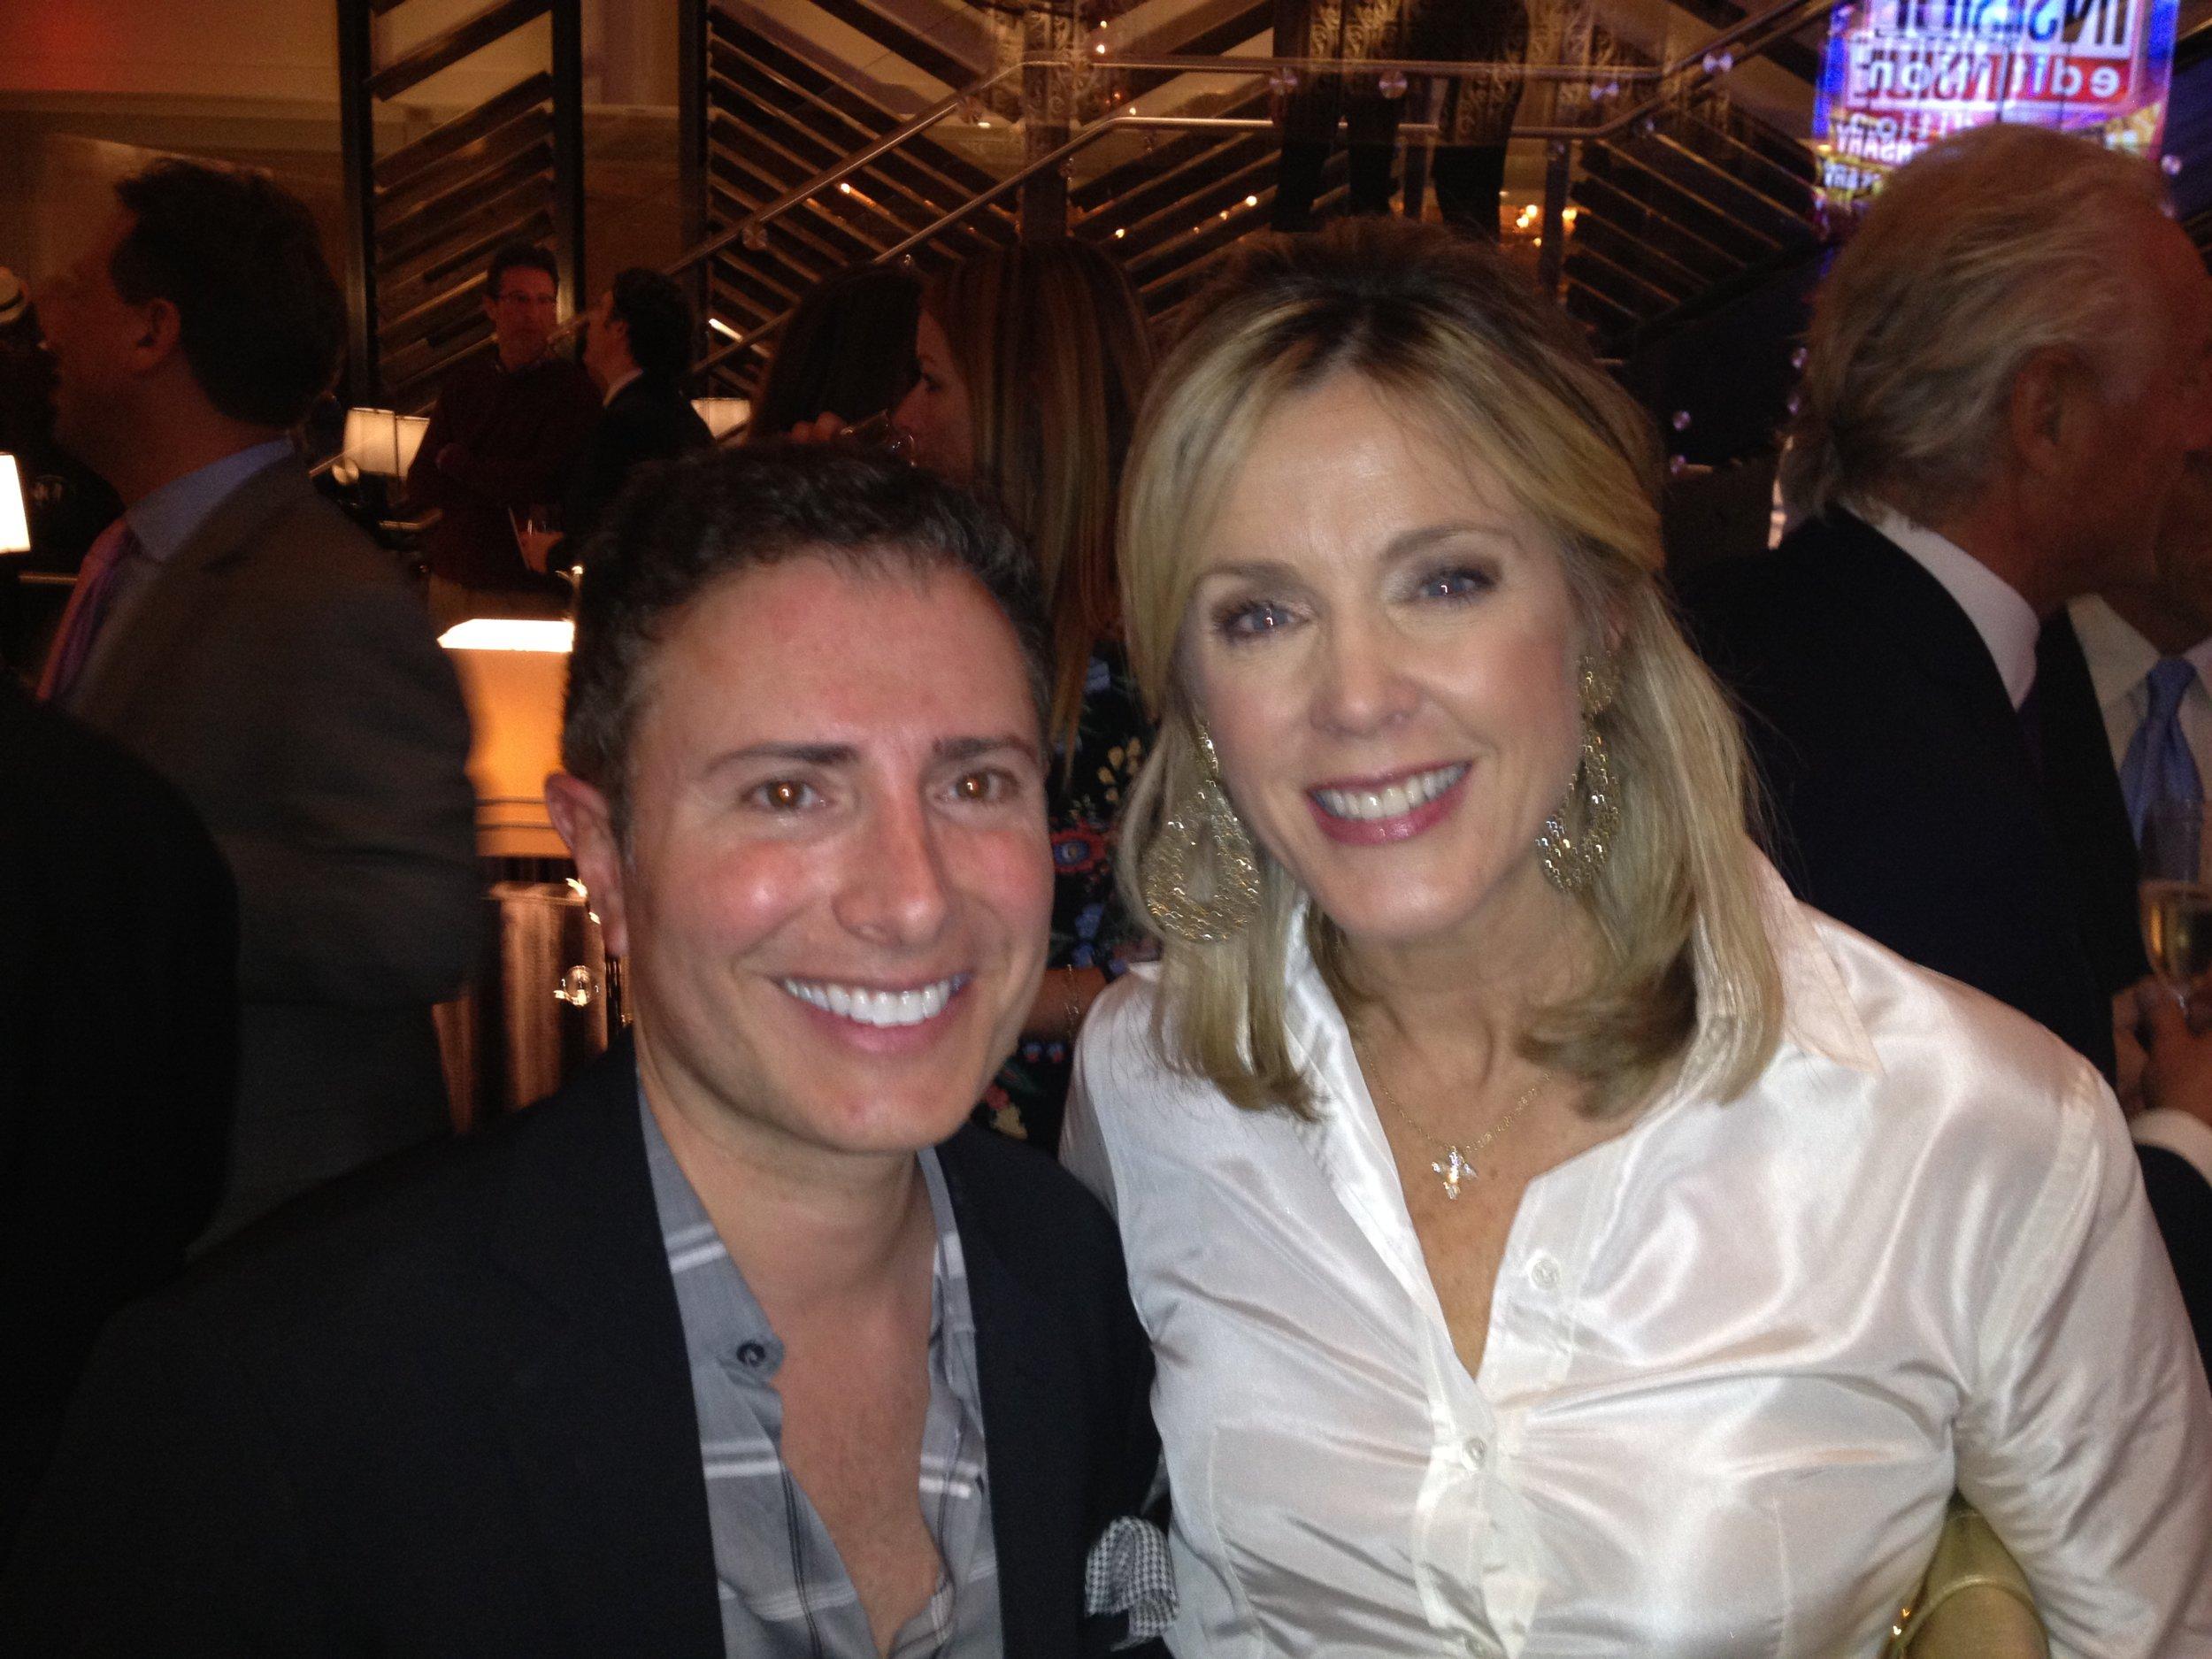 With Deborah Norville